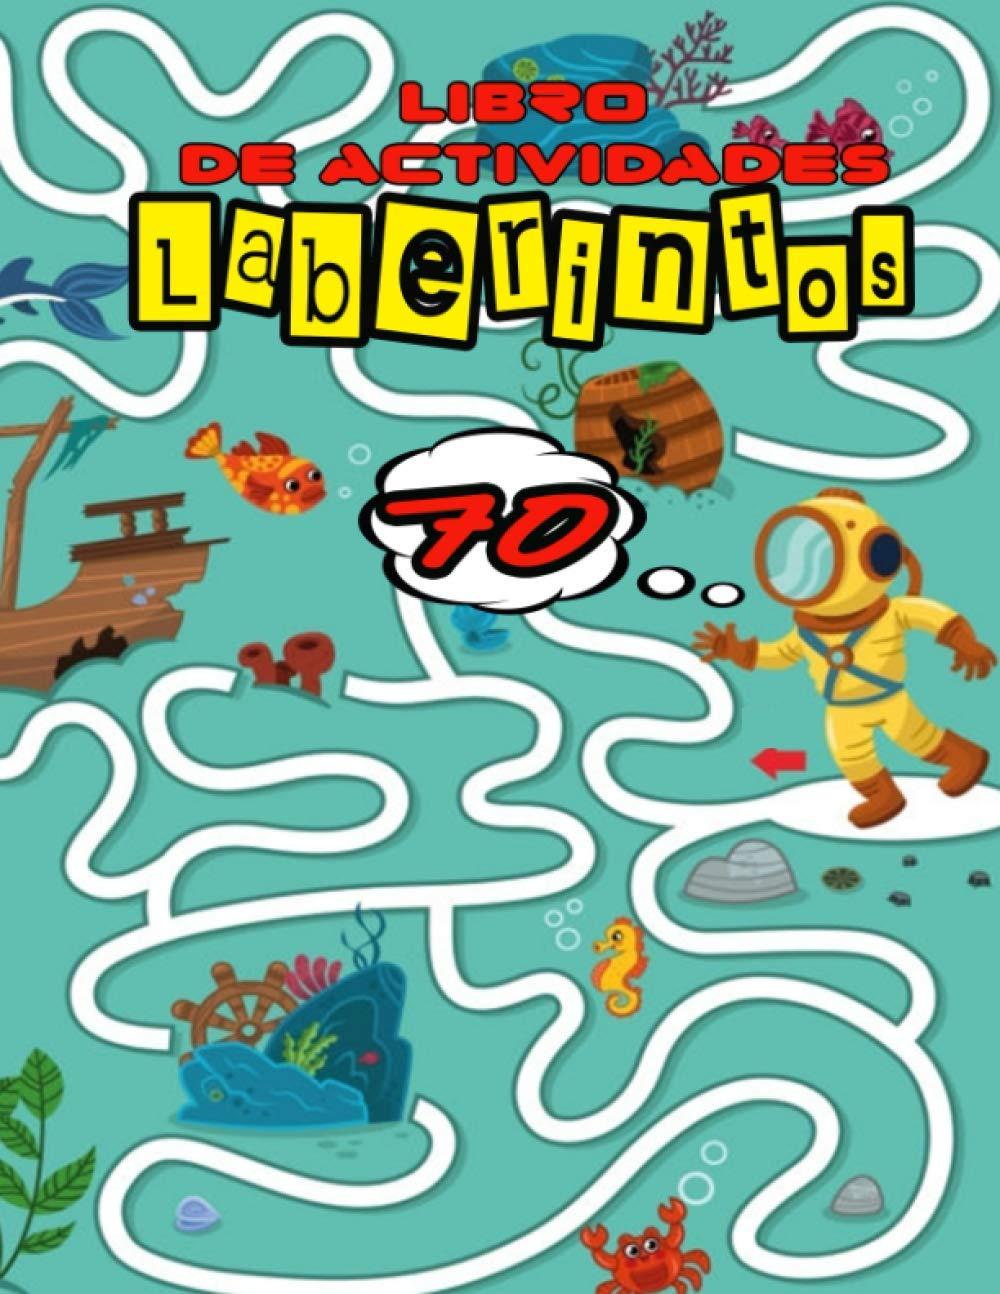 Laberintos: Libro de actividades para desarrollar la concentración y la observación de los niños   Busca y encuentra 70 laberintos